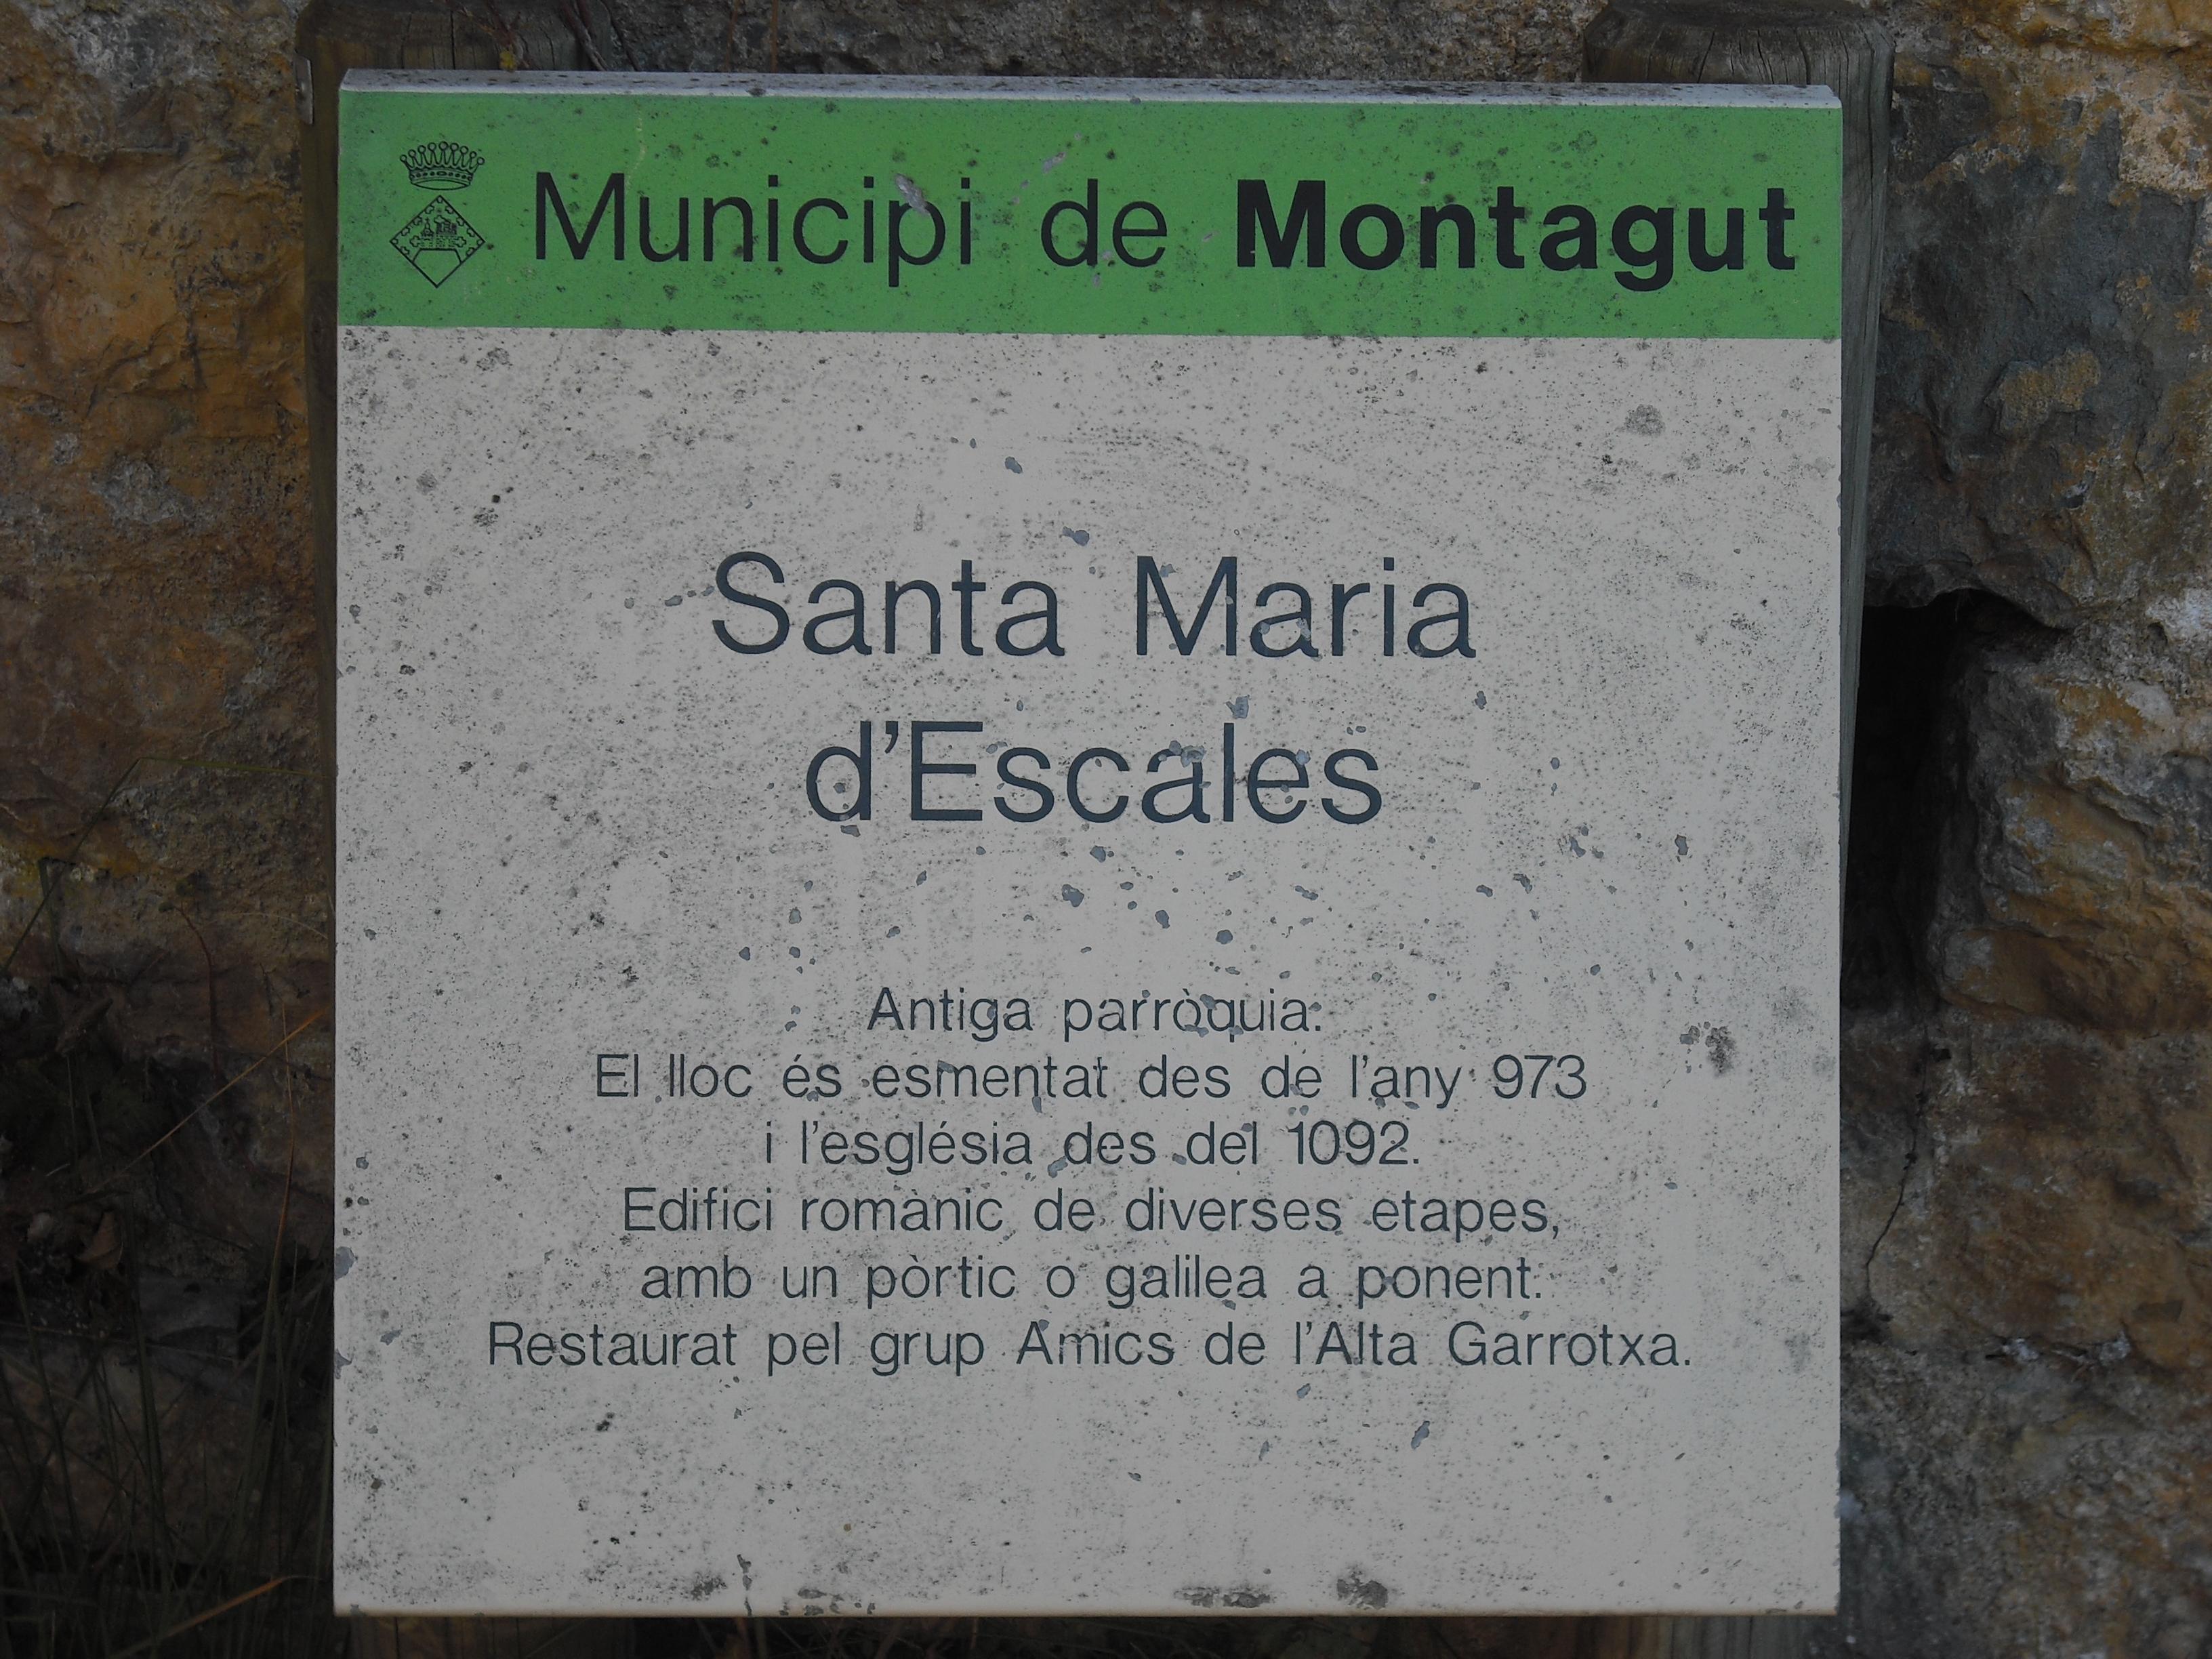 Cartell informatiu de Santa Maria d'Escales